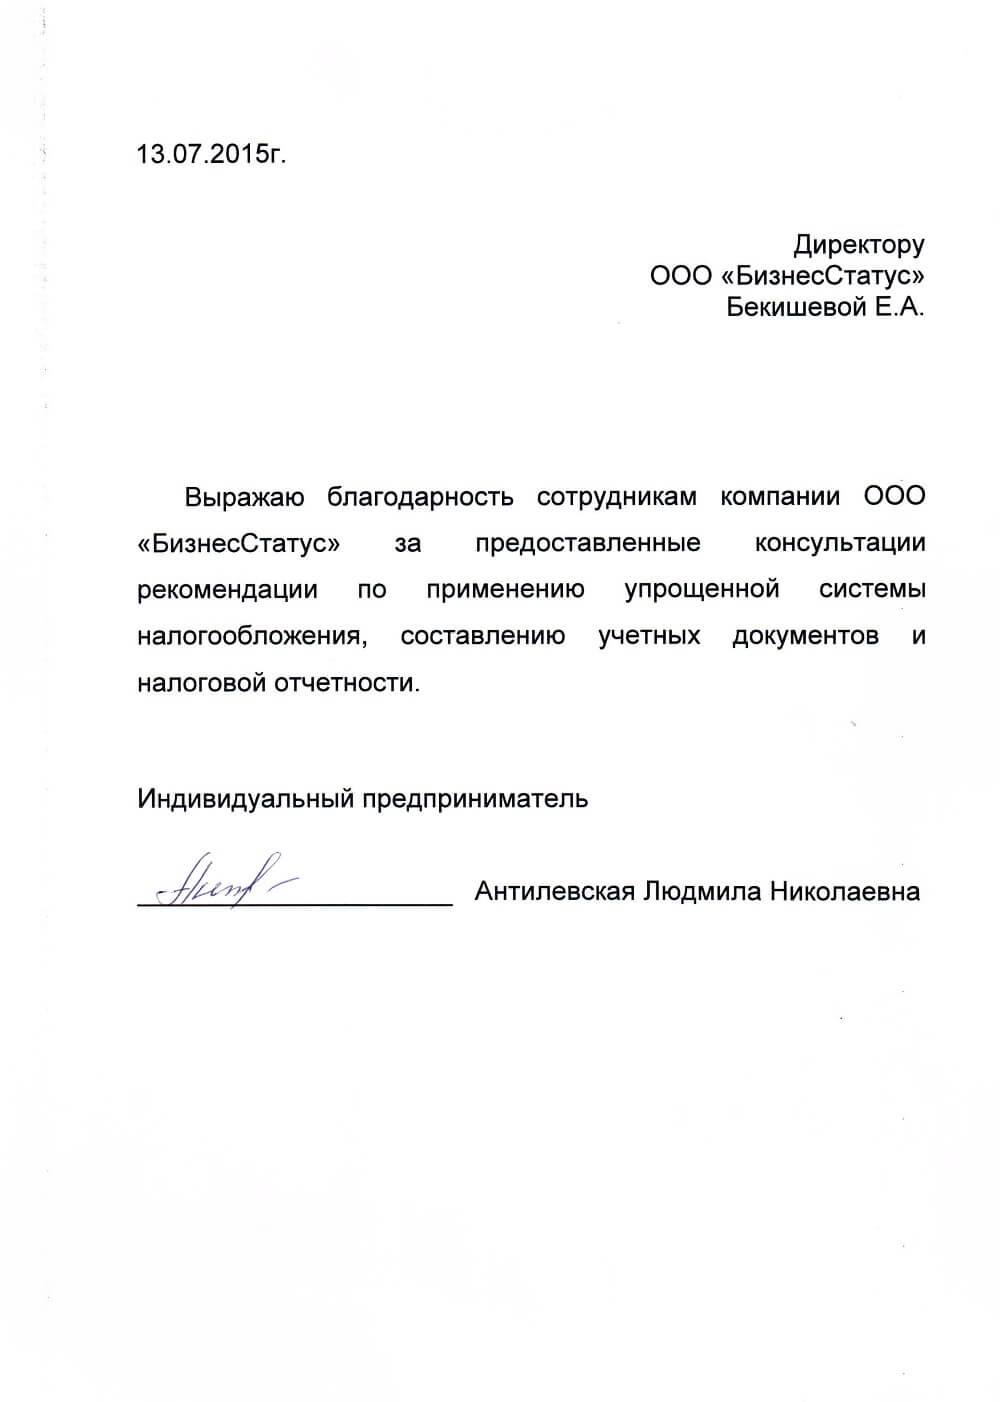 Отзыв ИП Антилевская Л.Н